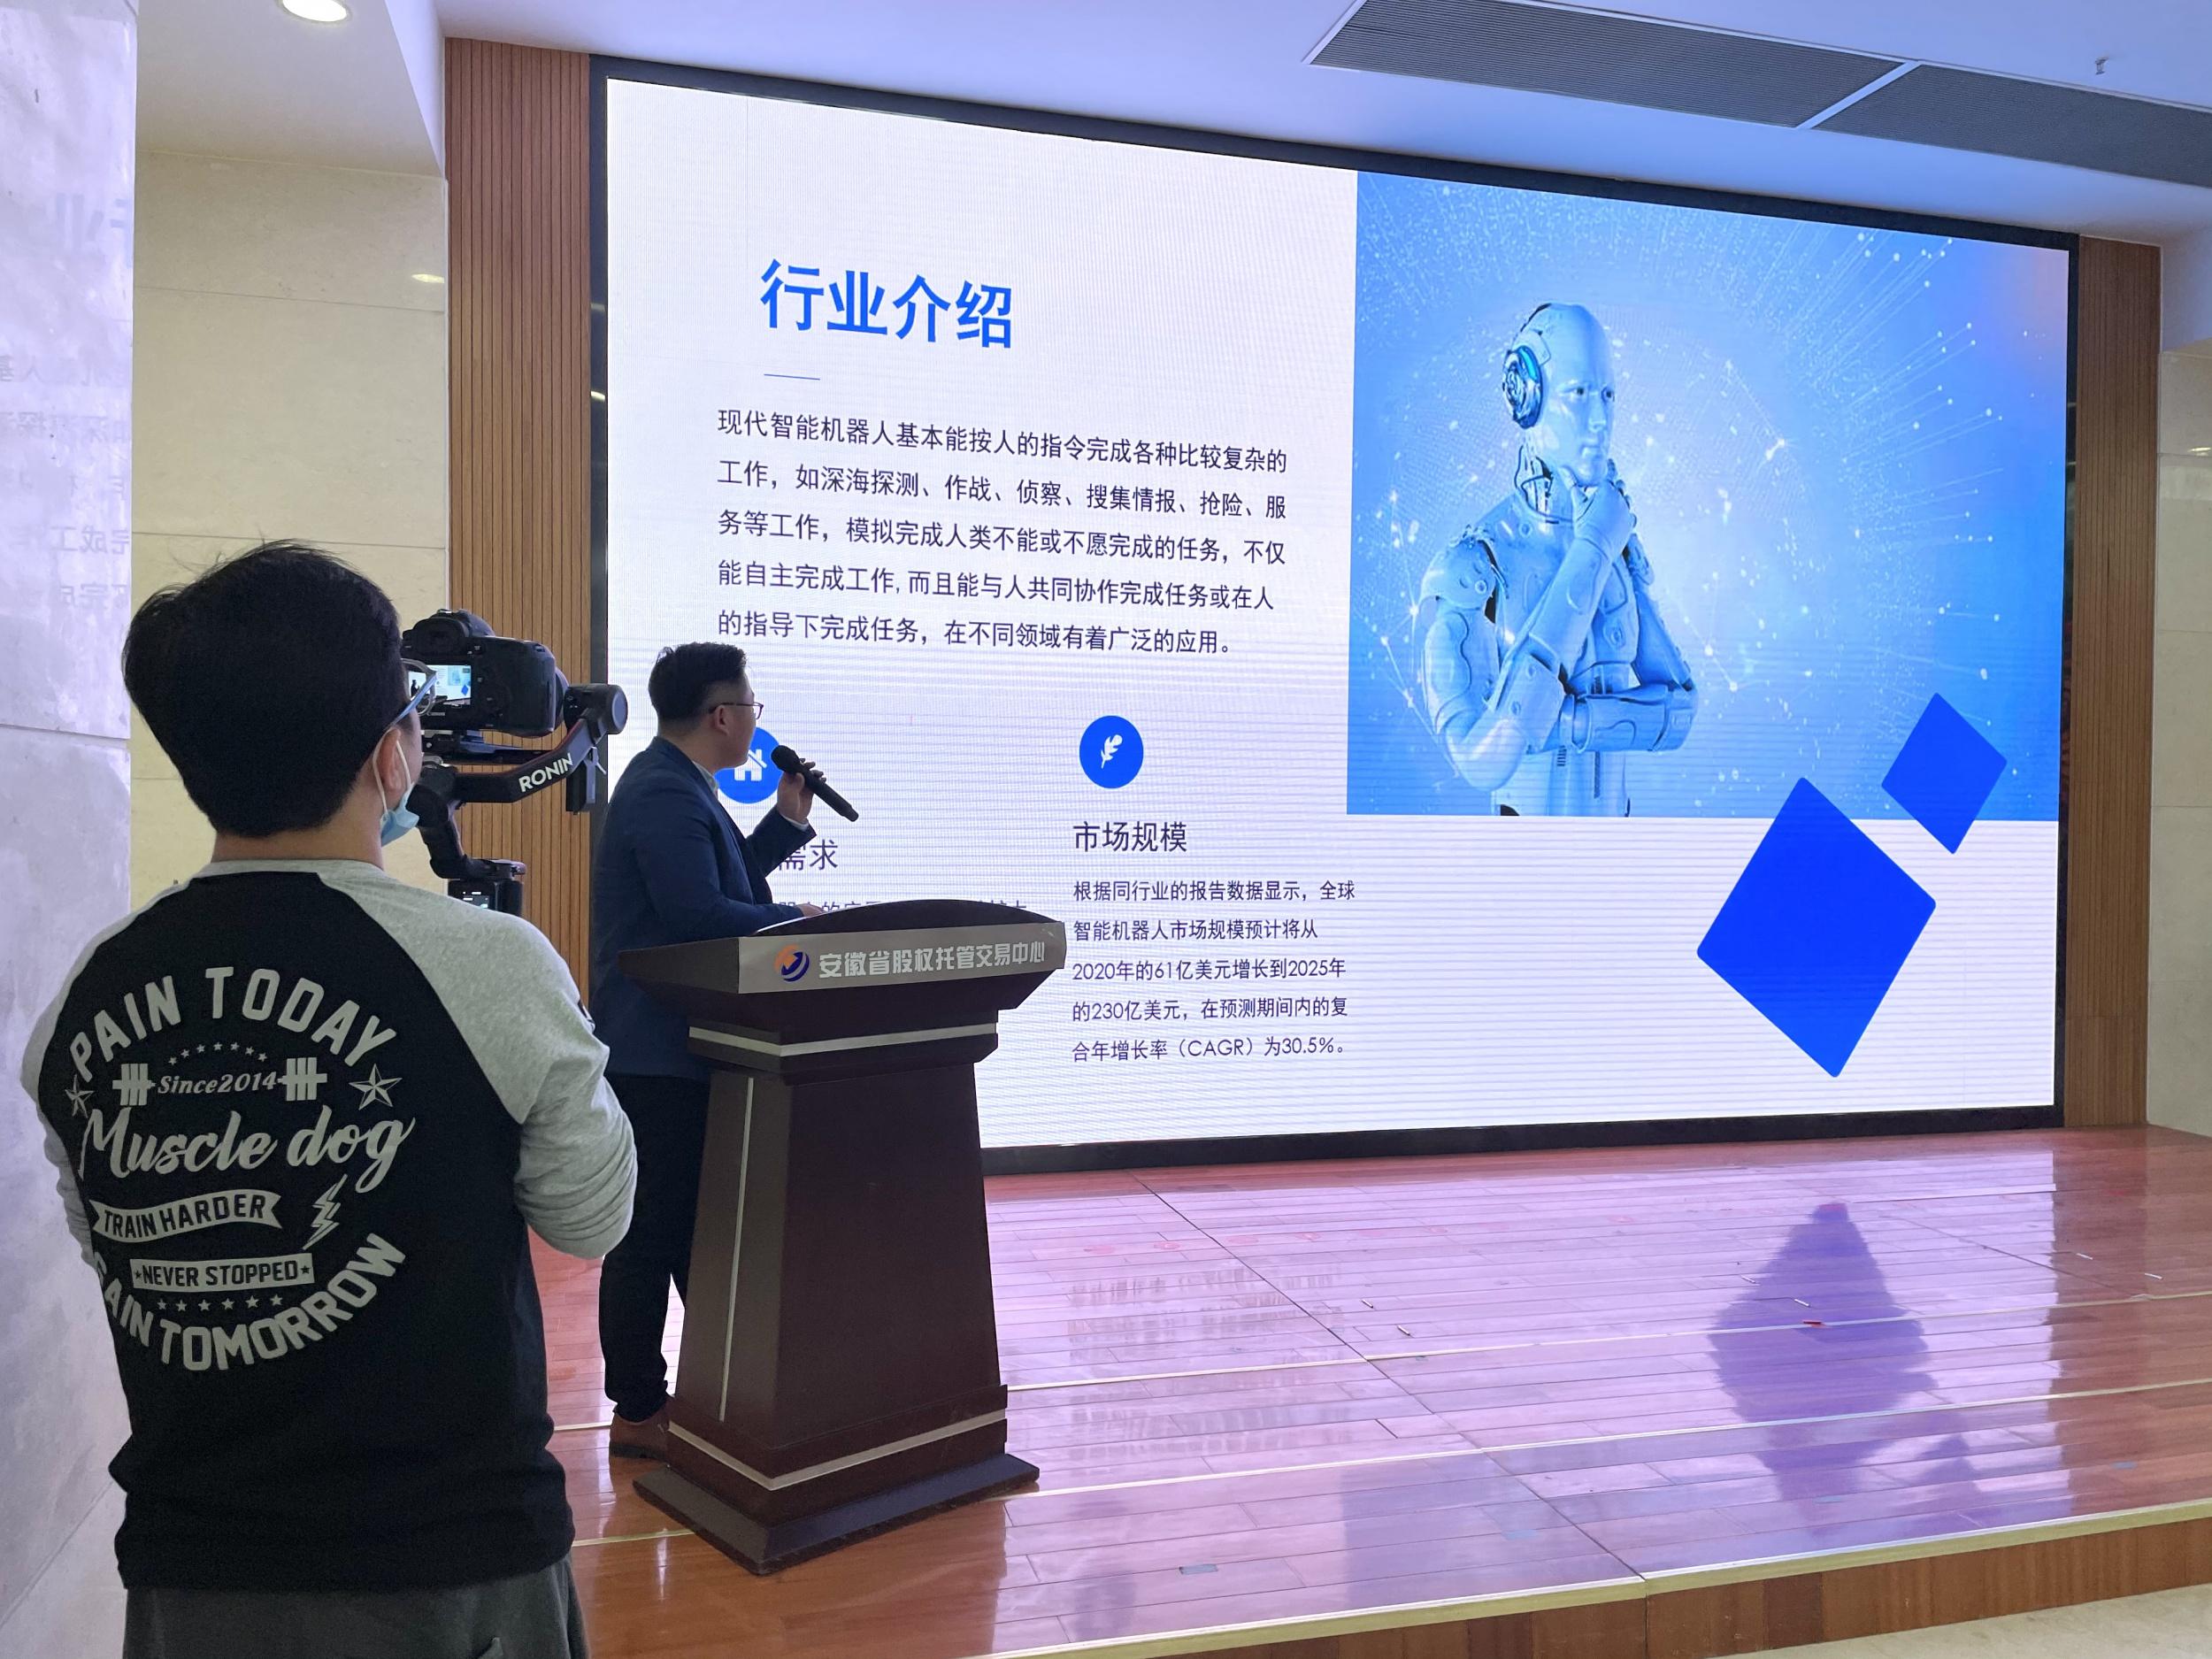 相品智能科技公司参加2021年安徽省股权交易中心举办的路演活动